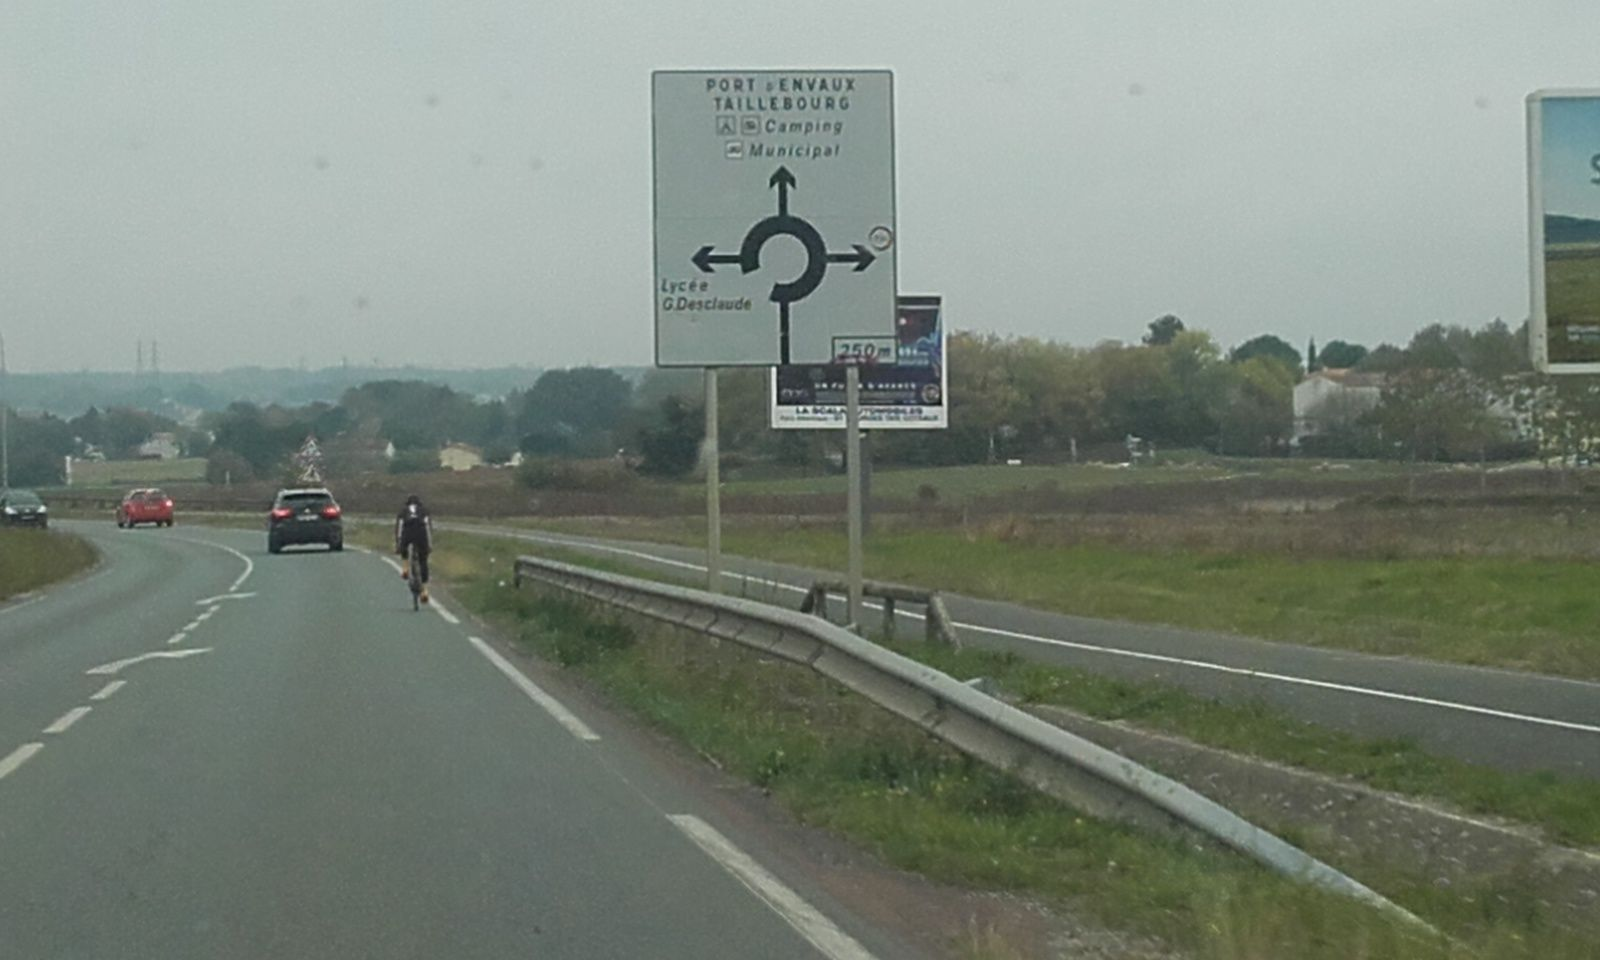 Nous ne sommes pas dans certaines ville du nord ou de Belgique, voir de Bruges ou vraiment les cyclsites sont les rois du pavet eur leurs petites reines.. et ils foncent... Attention piétons. Merci au fidèle lecteur pour ces images belges et flamandes.